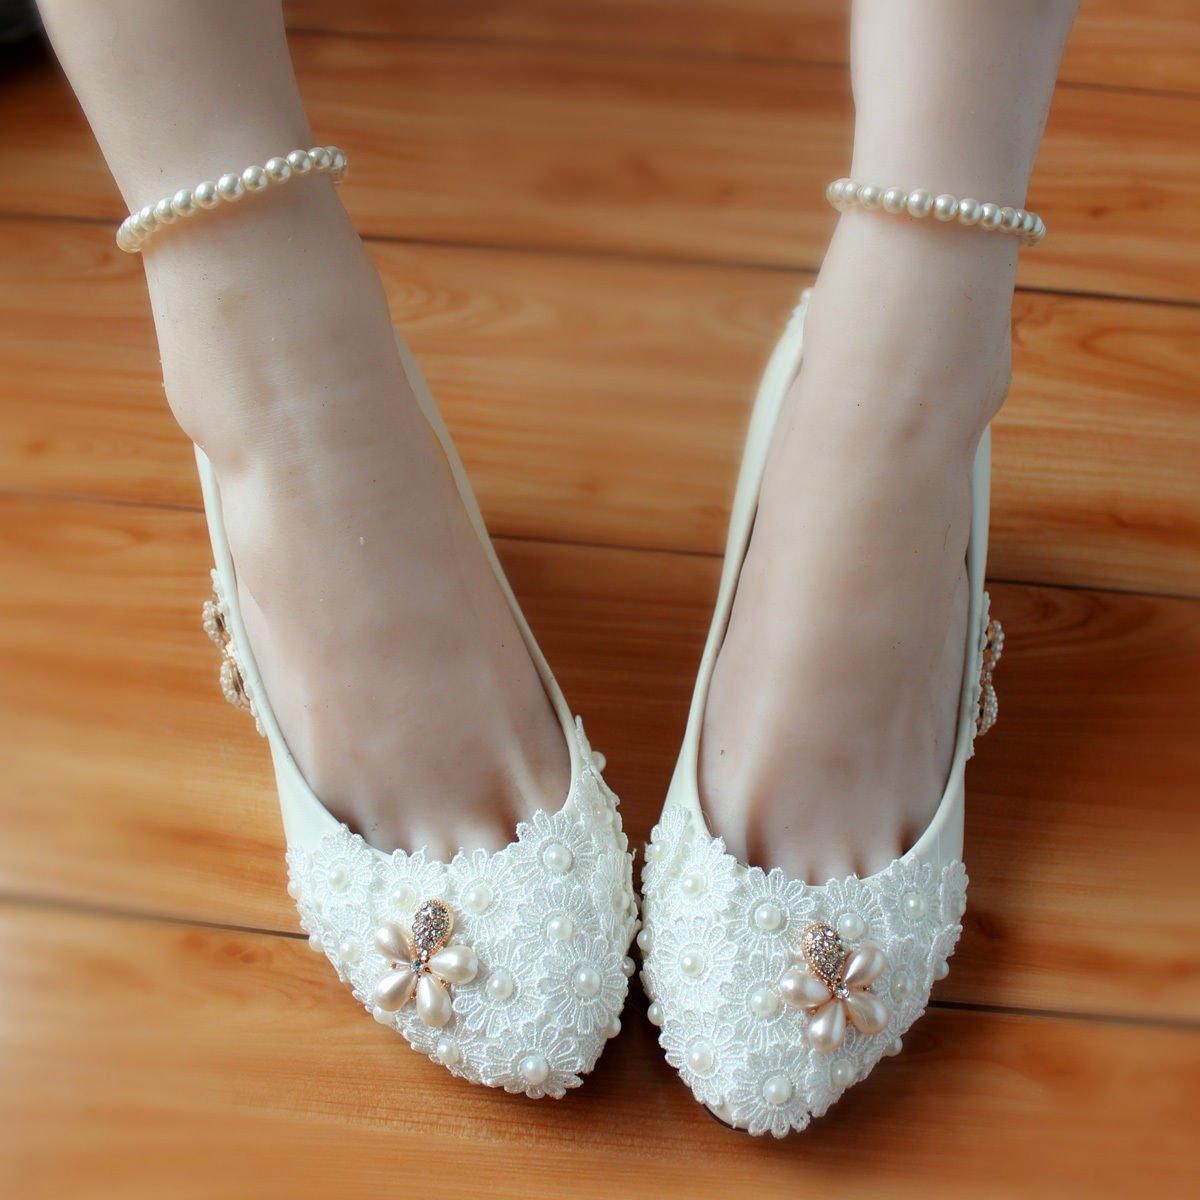 Blanc UK7 JINGXINSTORE Chaussures de mariée en dentelle or blanc rouge perle à la main à talons hauts